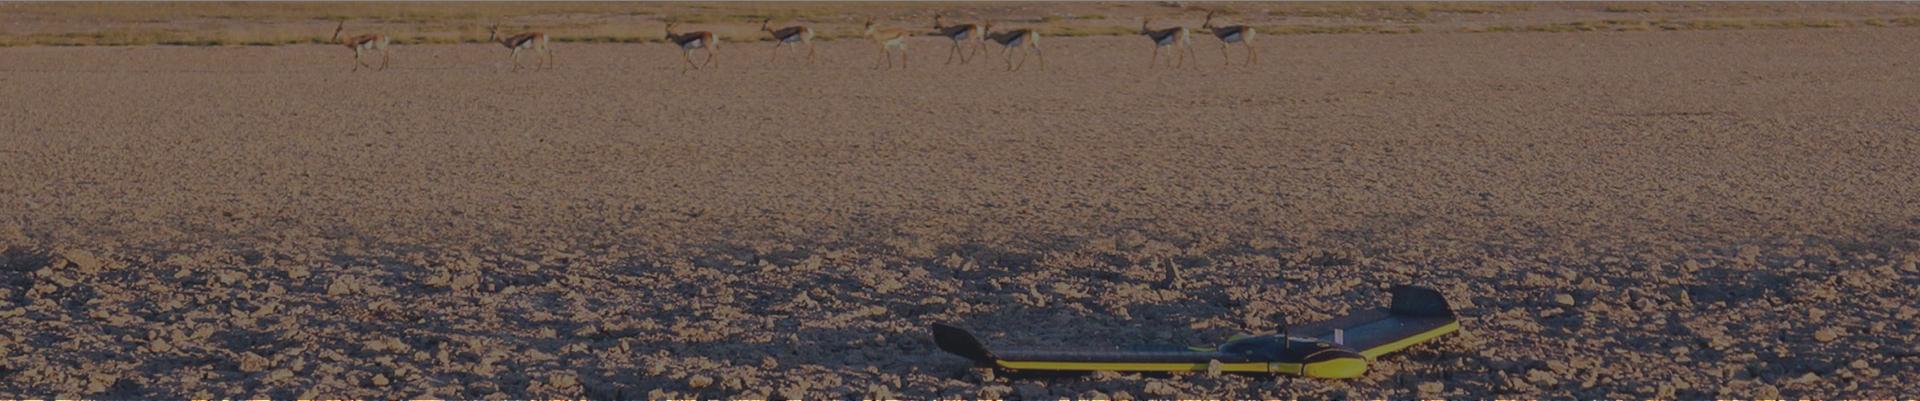 uav sensefly drones profesionales aplicaciones proteccion ambiental